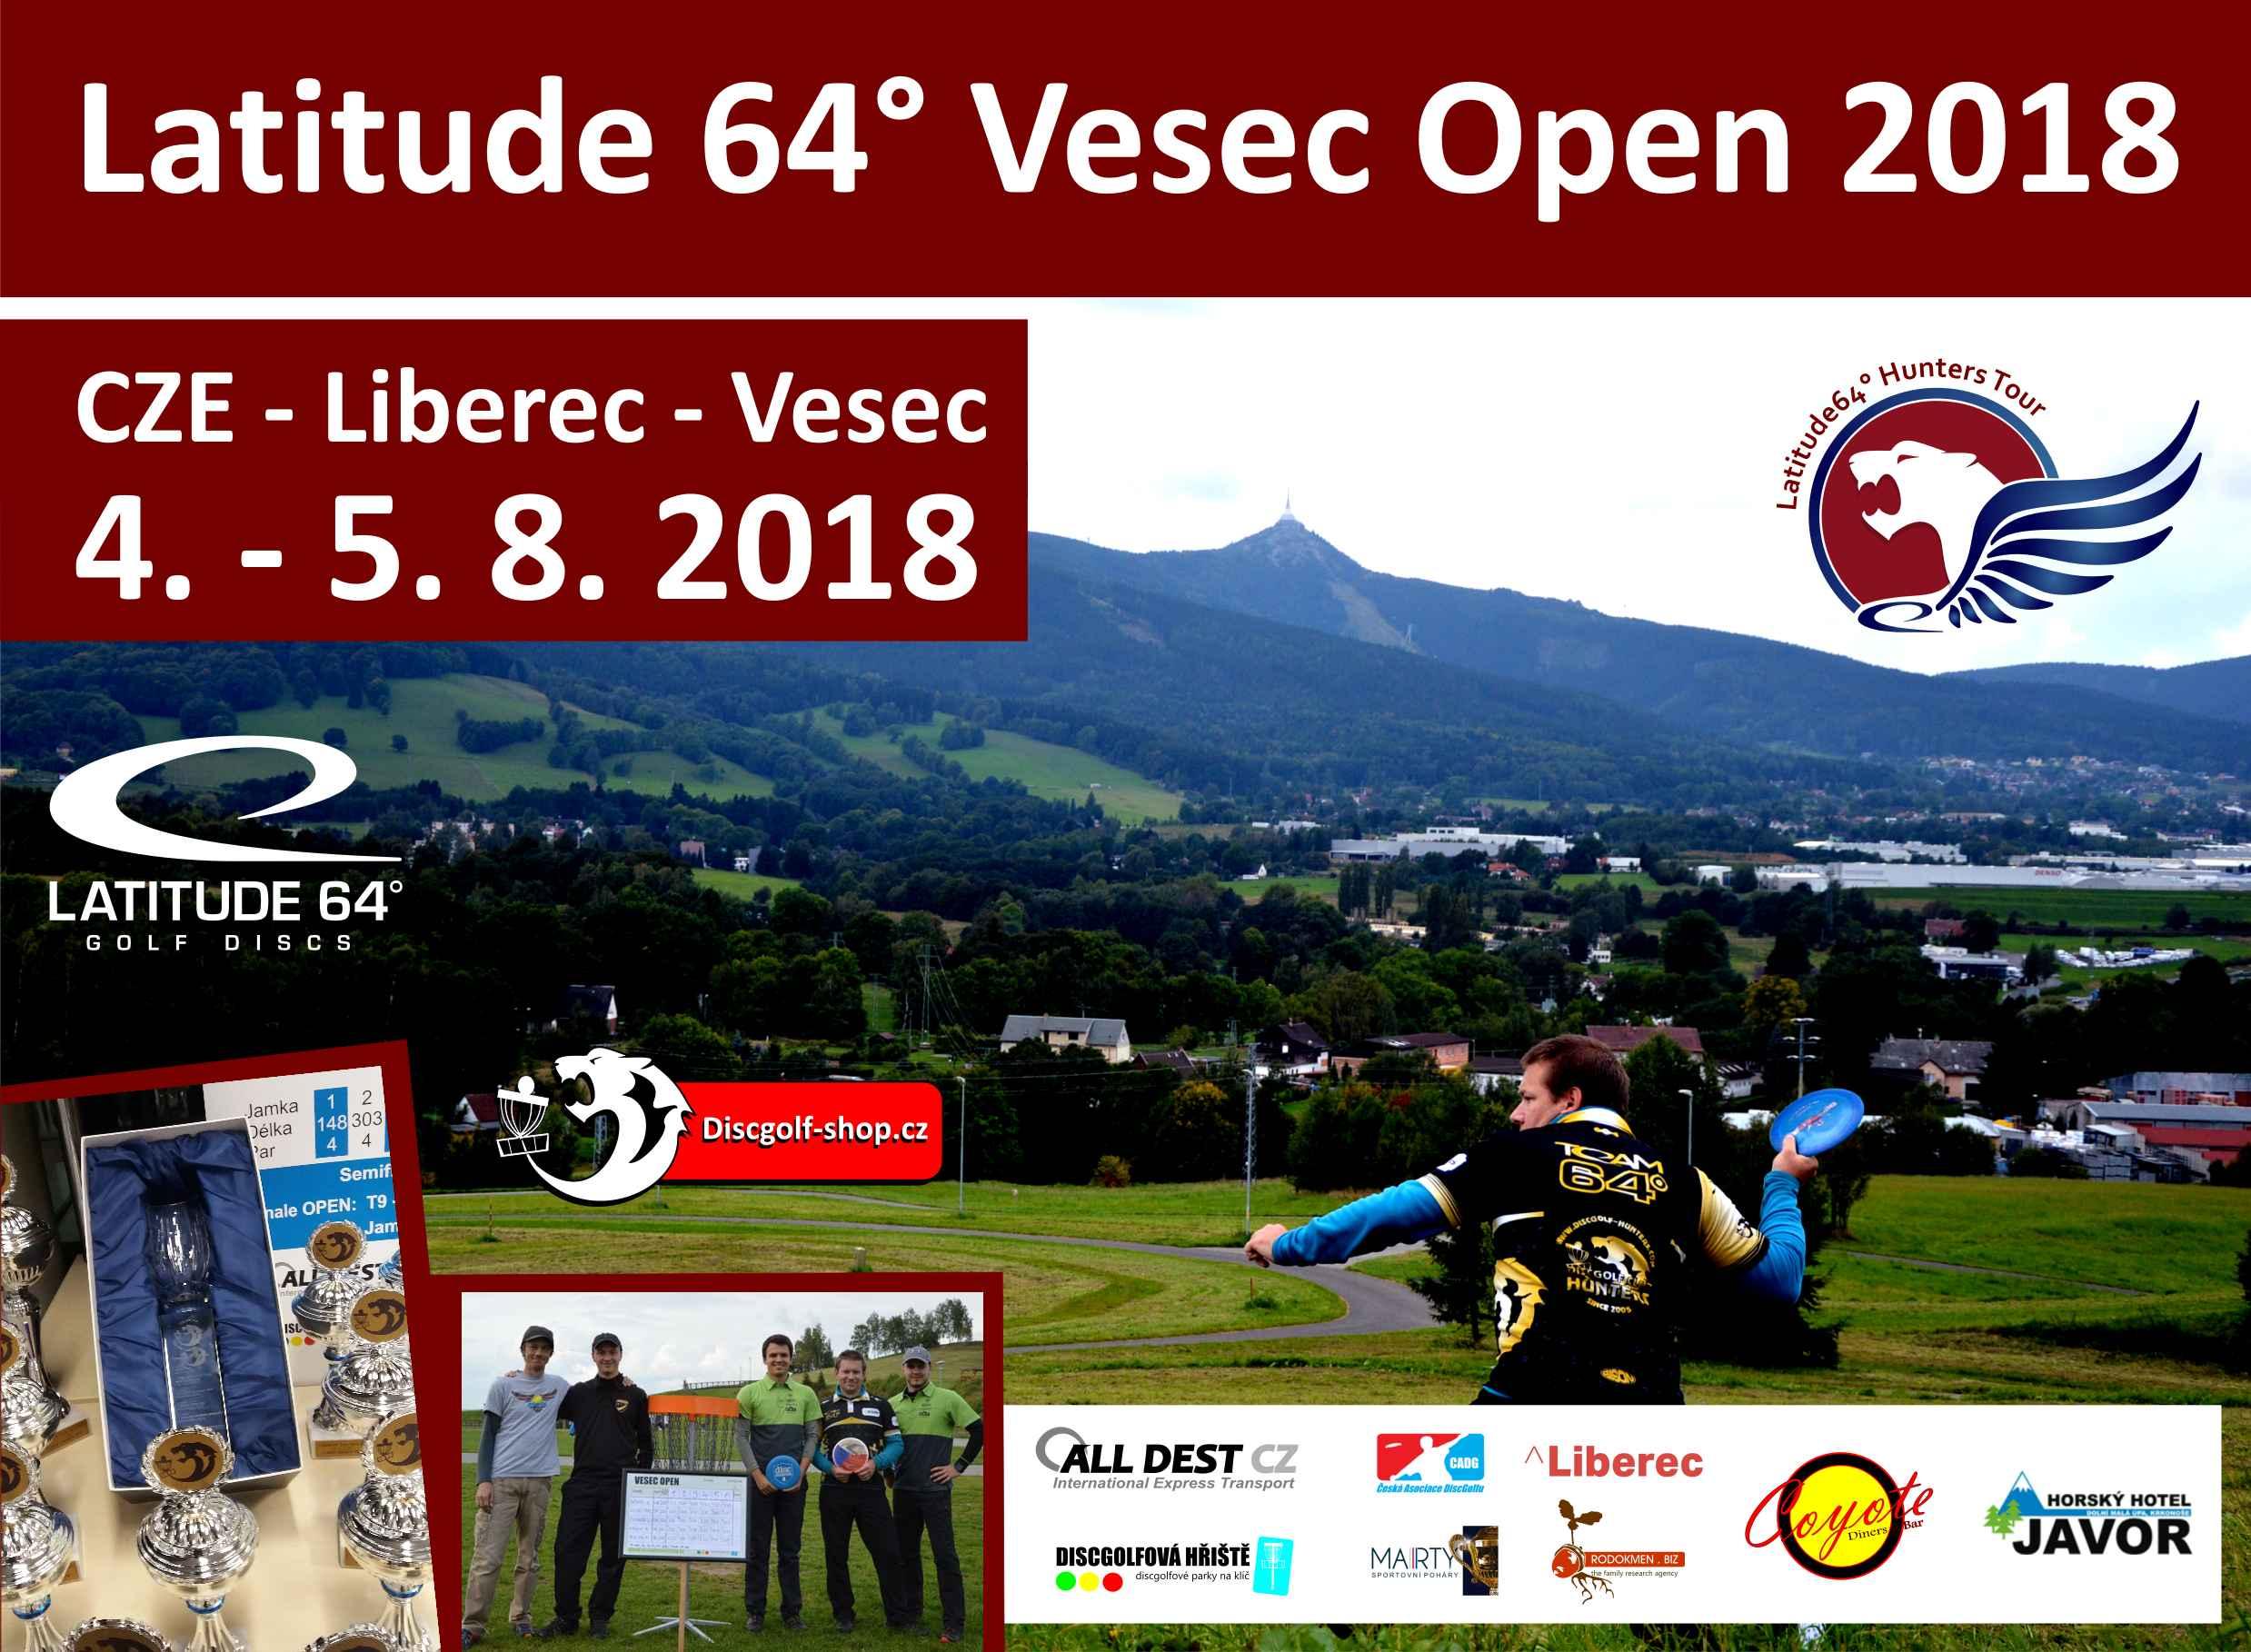 VESEC OPEN 2018